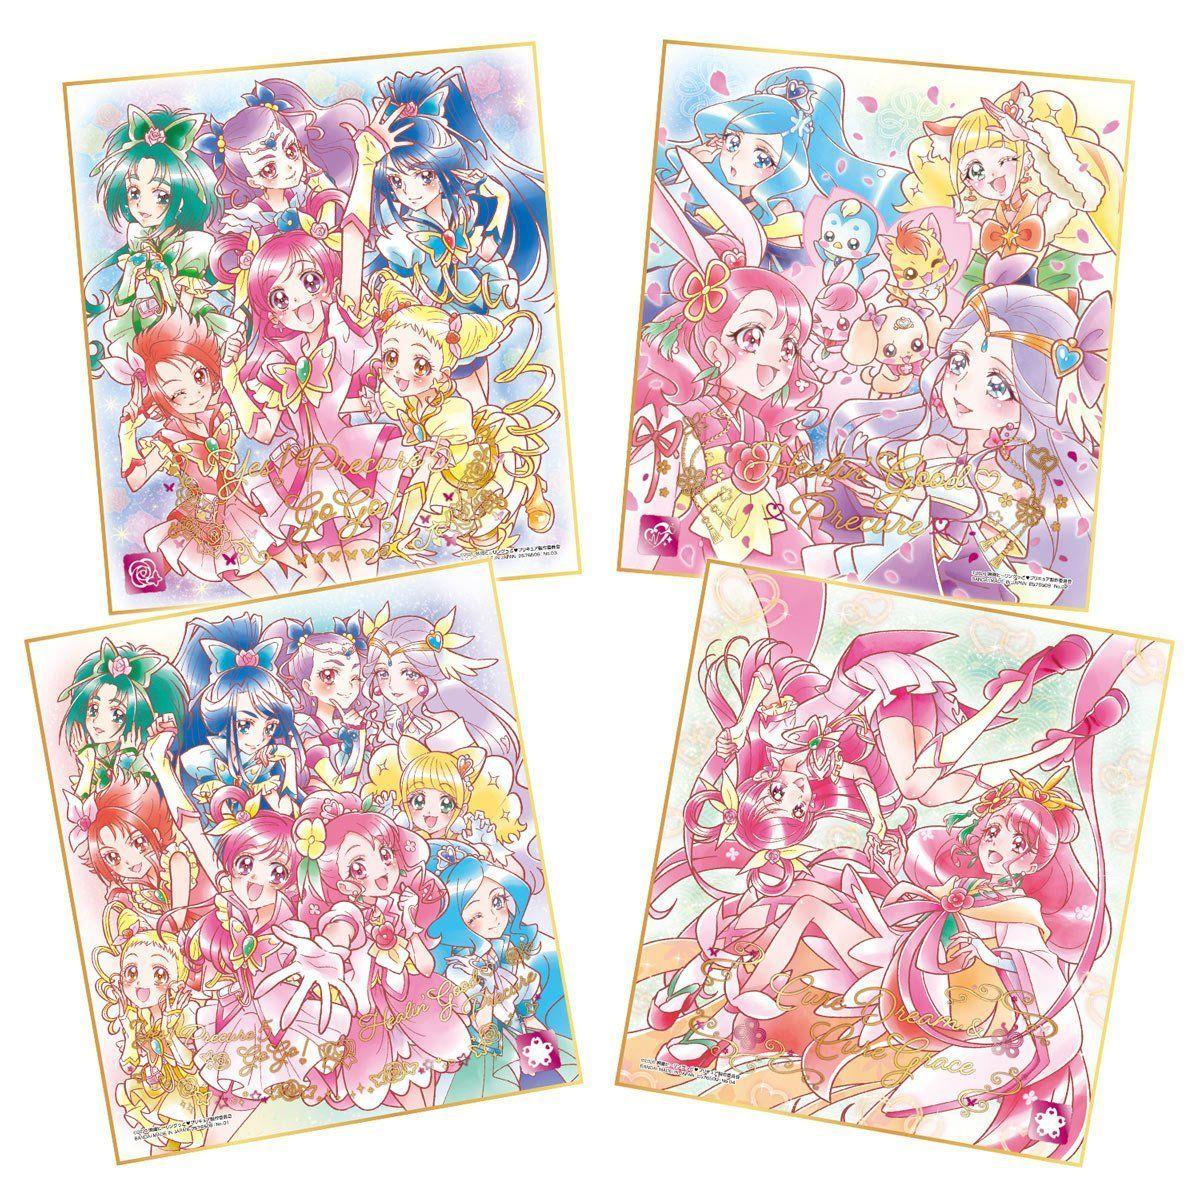 プリキュア色紙ART メモリアルセット−Second−【プレミアムバンダイ限定】_0